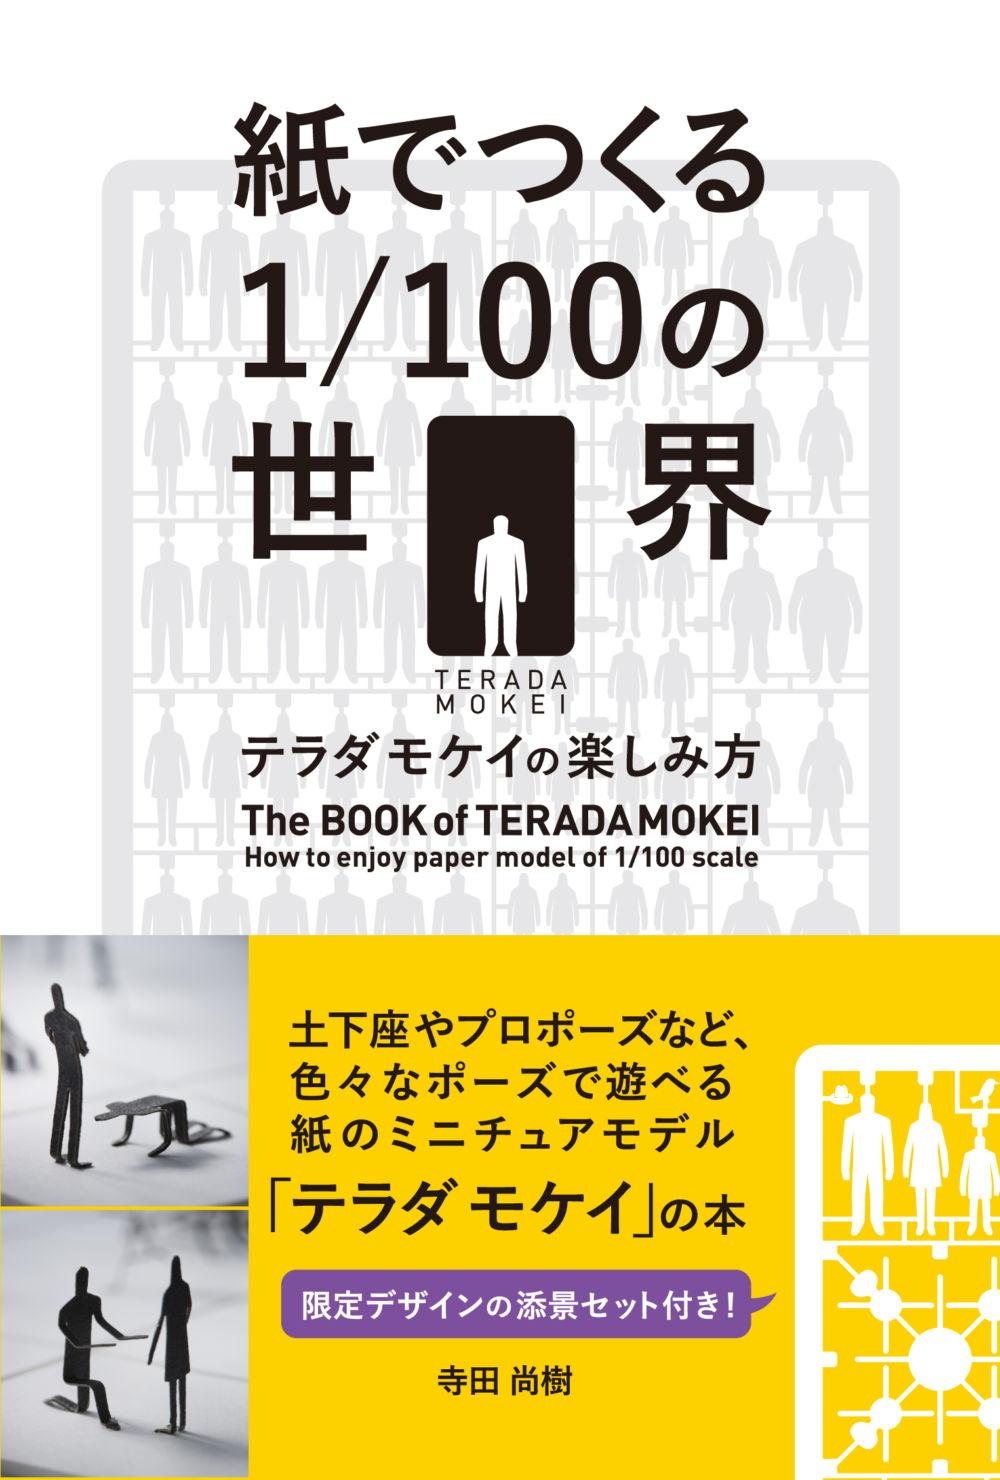 書籍『紙でつくる1/100の世界 テラダモケイの楽しみ方 』